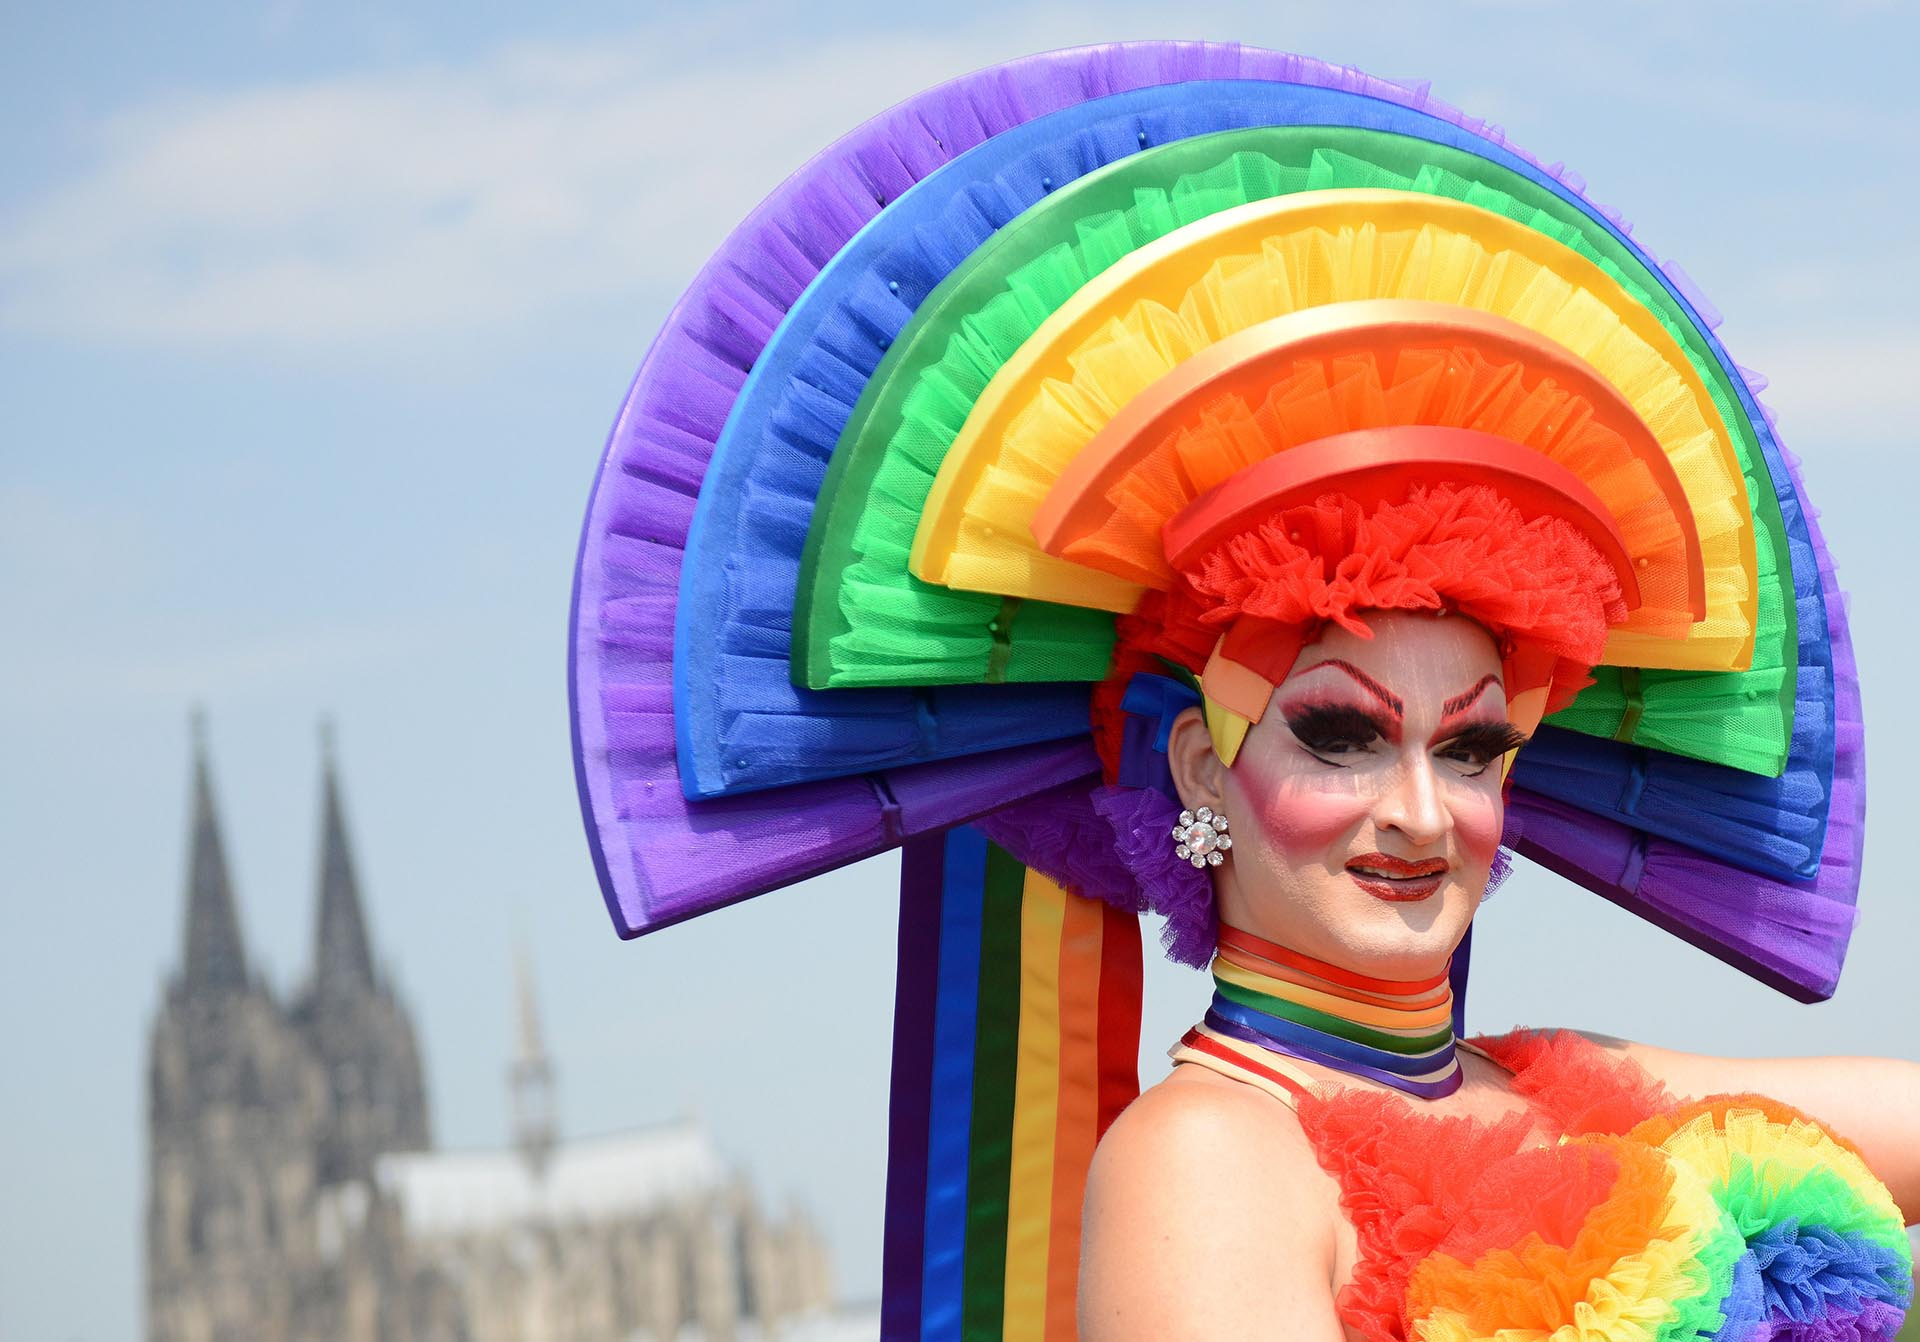 Un participante del desfile del orgullo Christopher Street Day (CSD) posa el 5 de julio de 2015 en Colonia, Alemania occidental. El desfile de ese año tuvo como tema